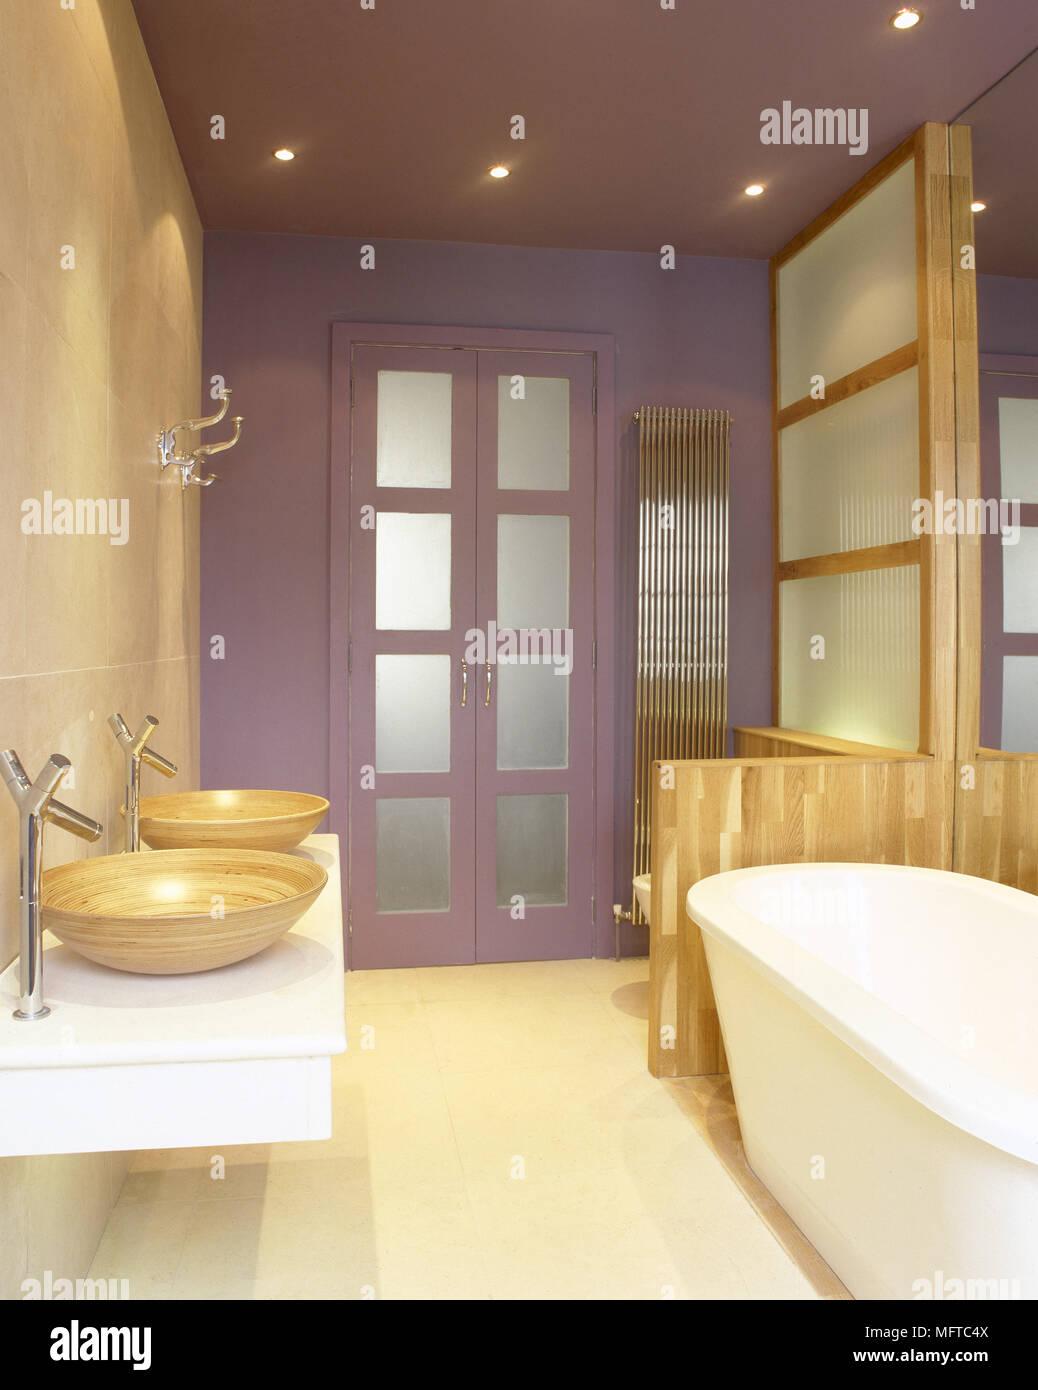 Moderno cuarto de baño con azulejos, lavabos de madera en un estante ...